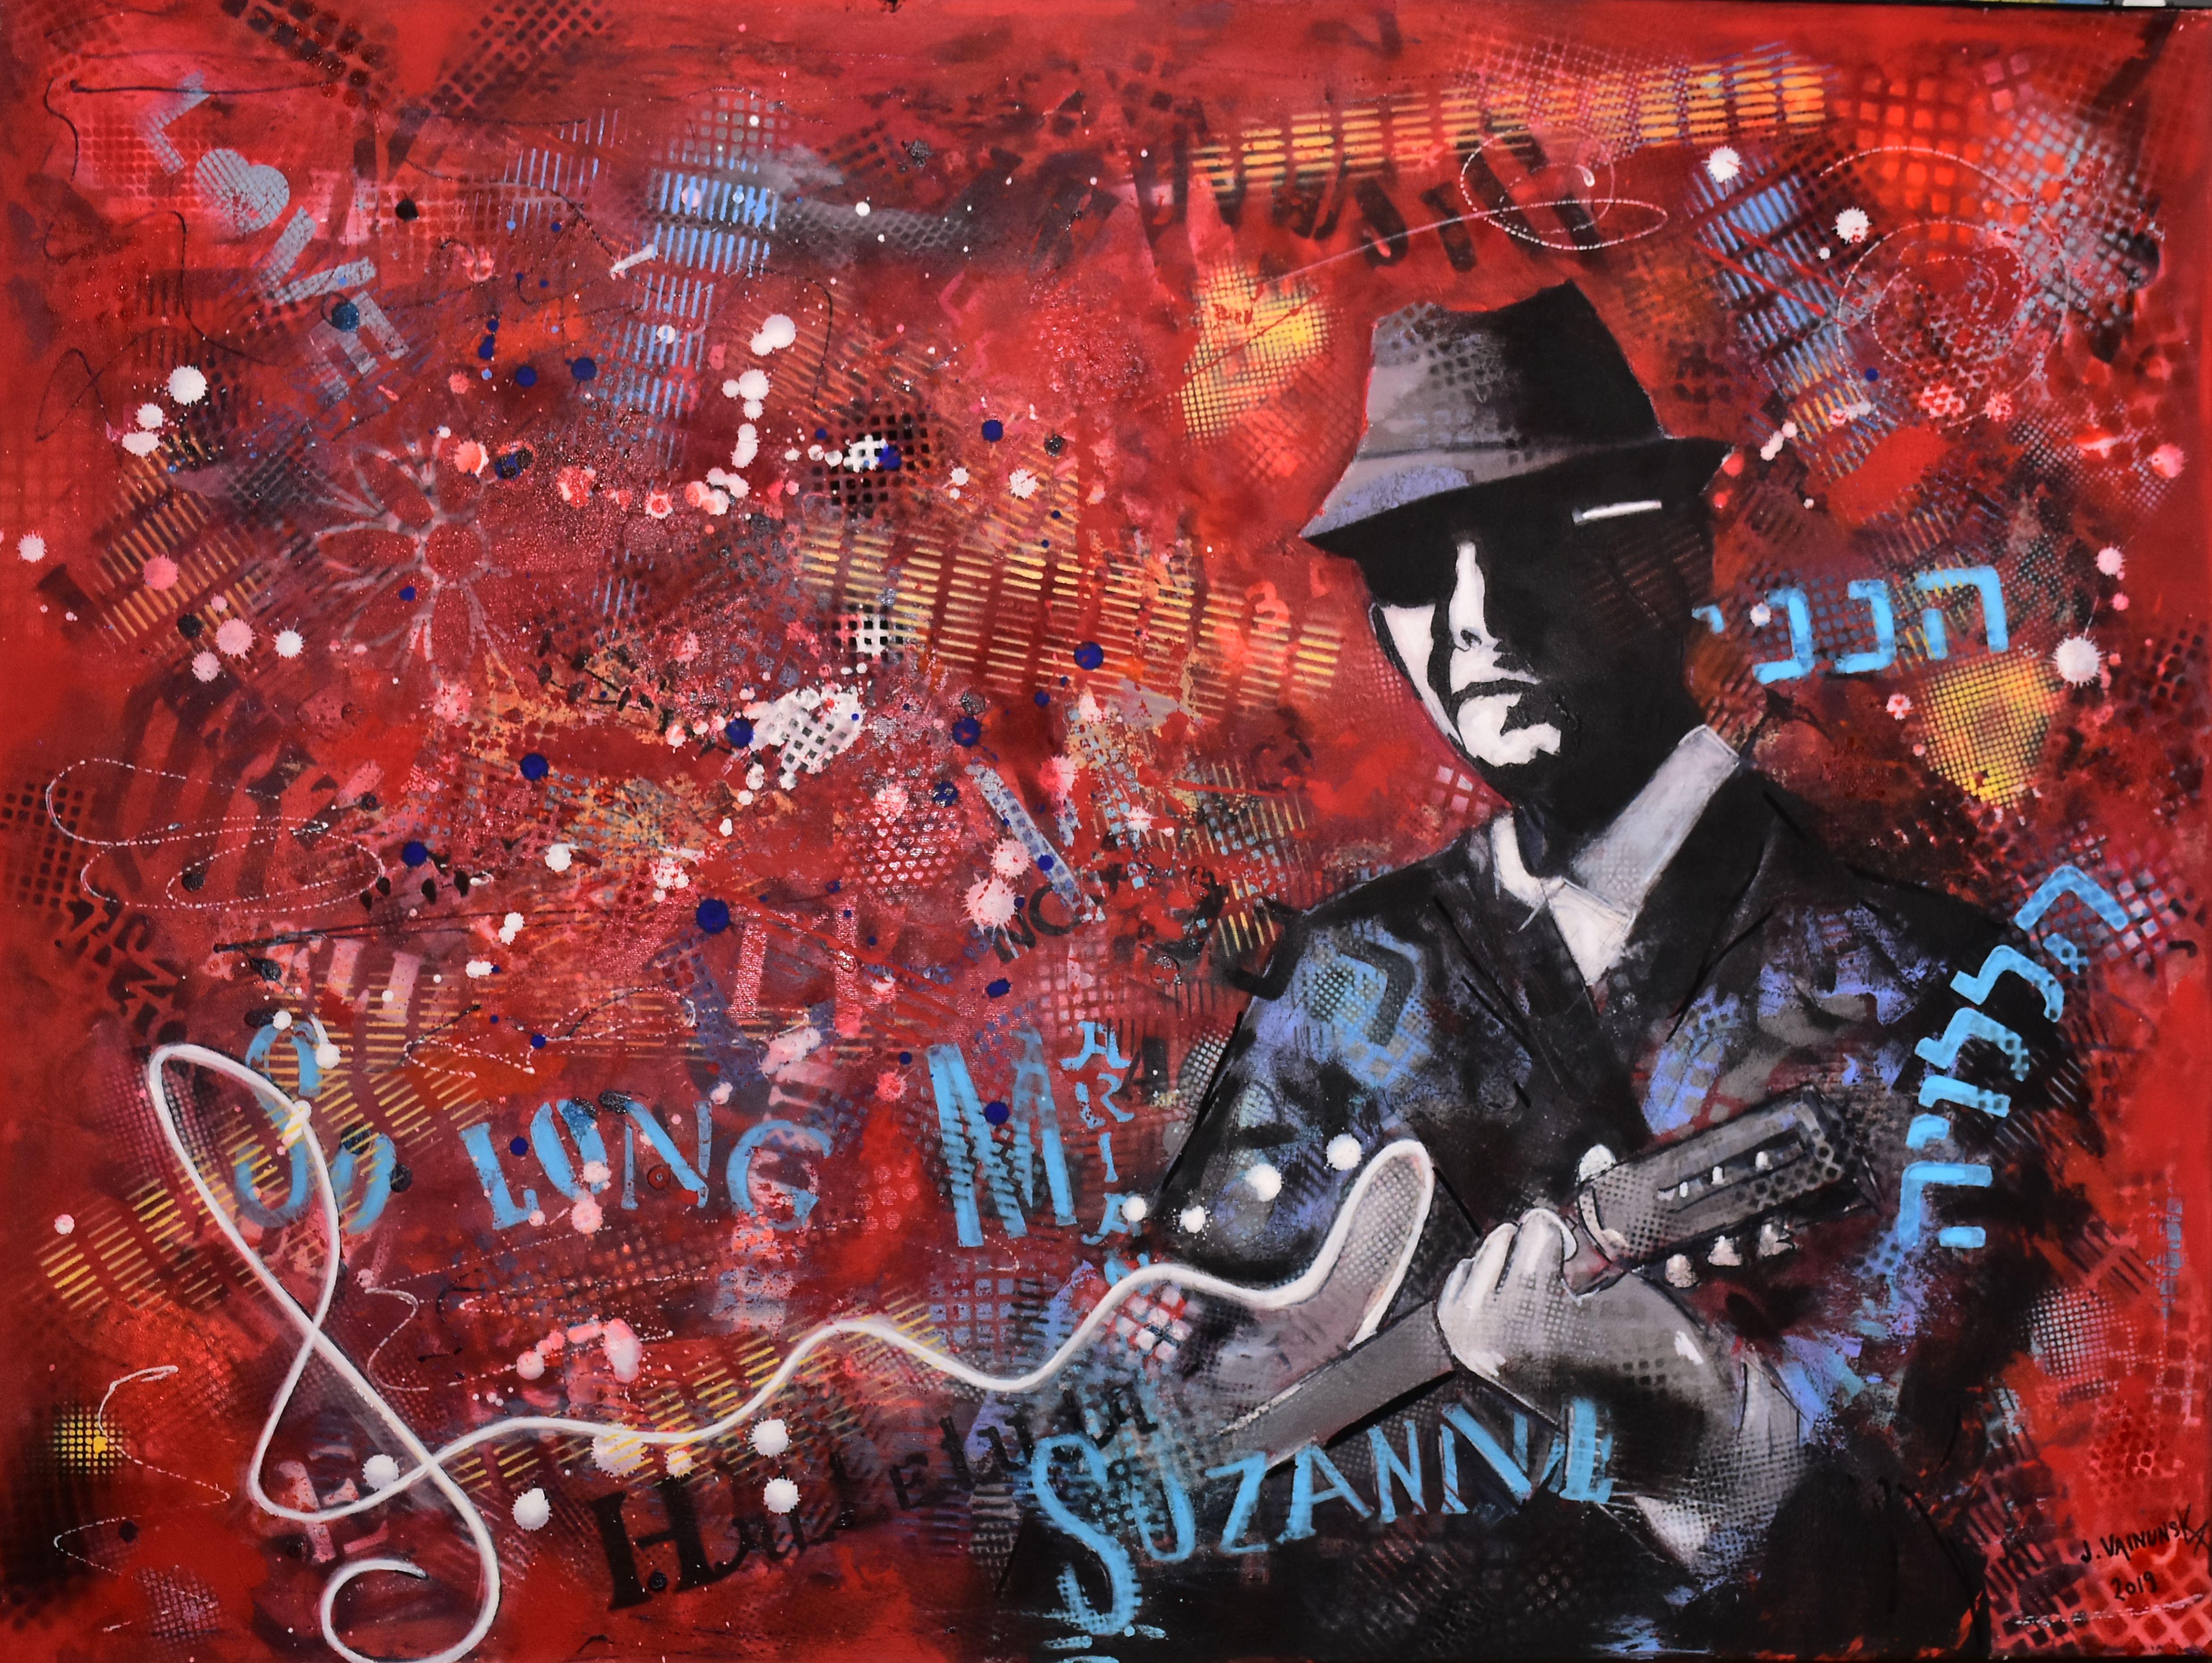 LEONARD COHEN, Acryliv on canvas, 90 x 1